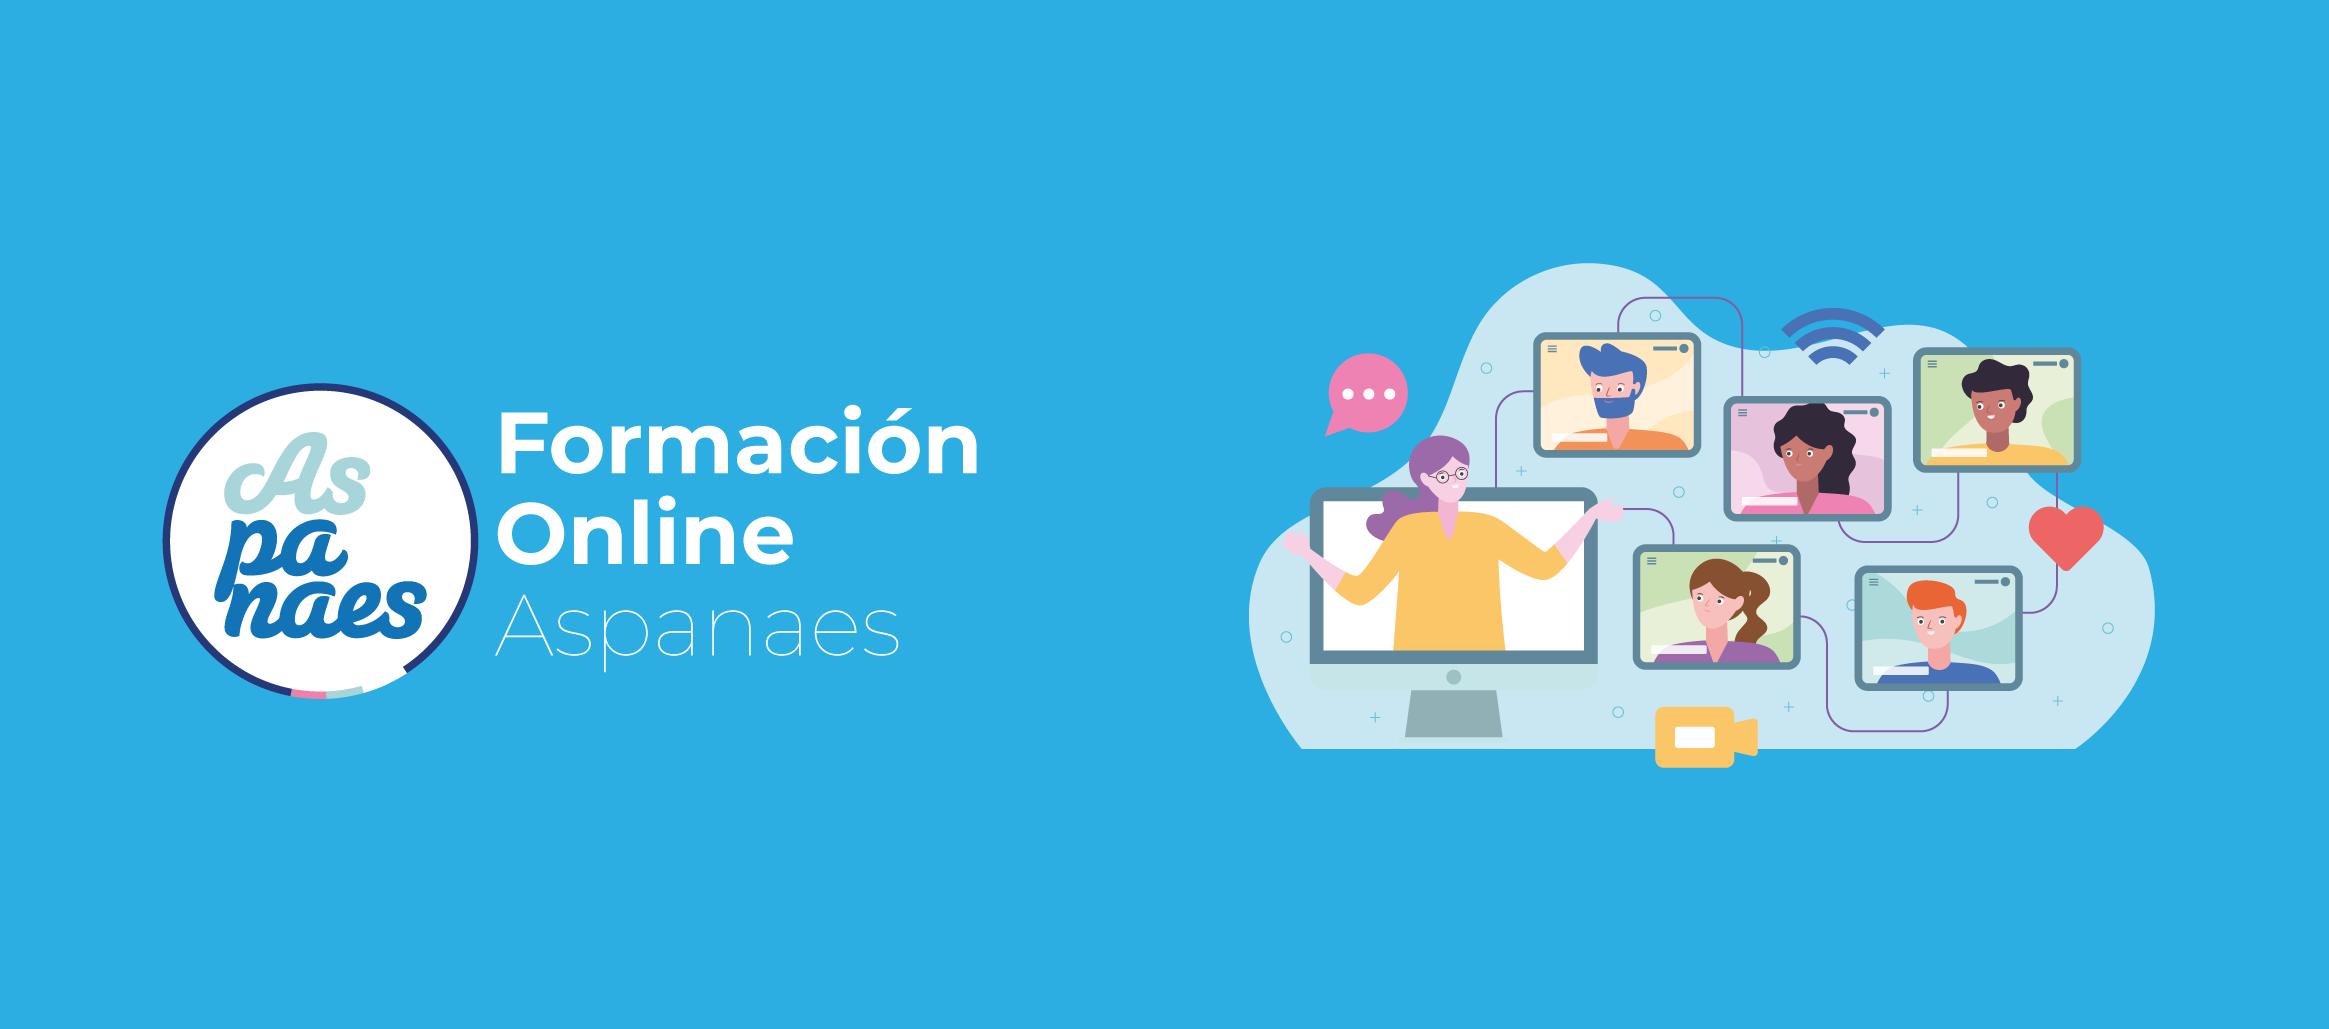 Formación Online Aspanaes